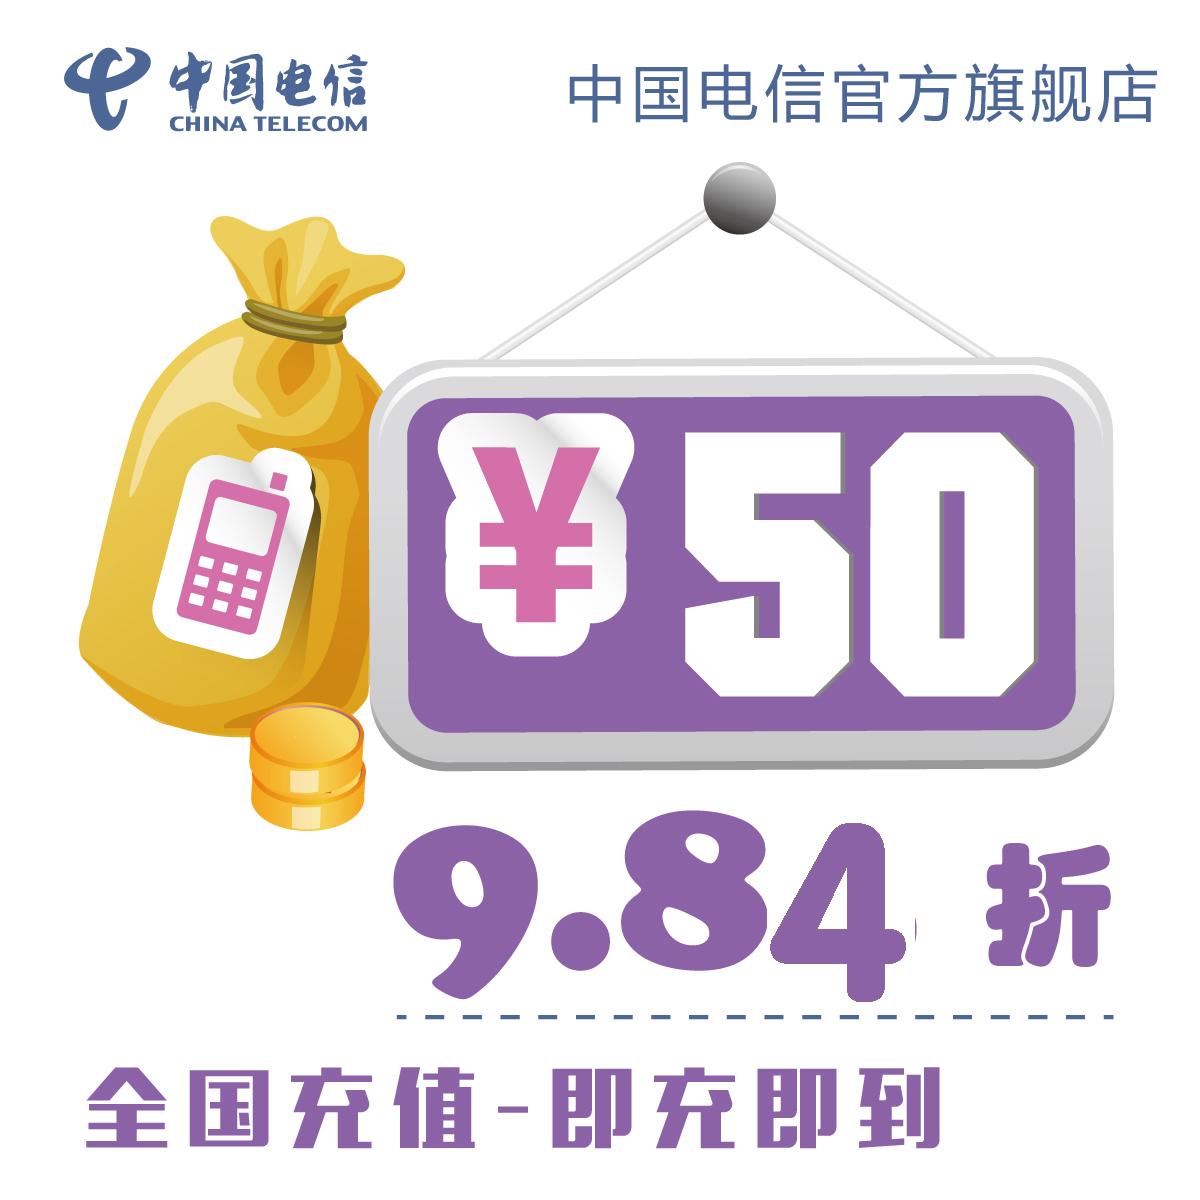 中国电信官方全国手机充值50元话费全国电信手机话费充天猫特价 49.20 元